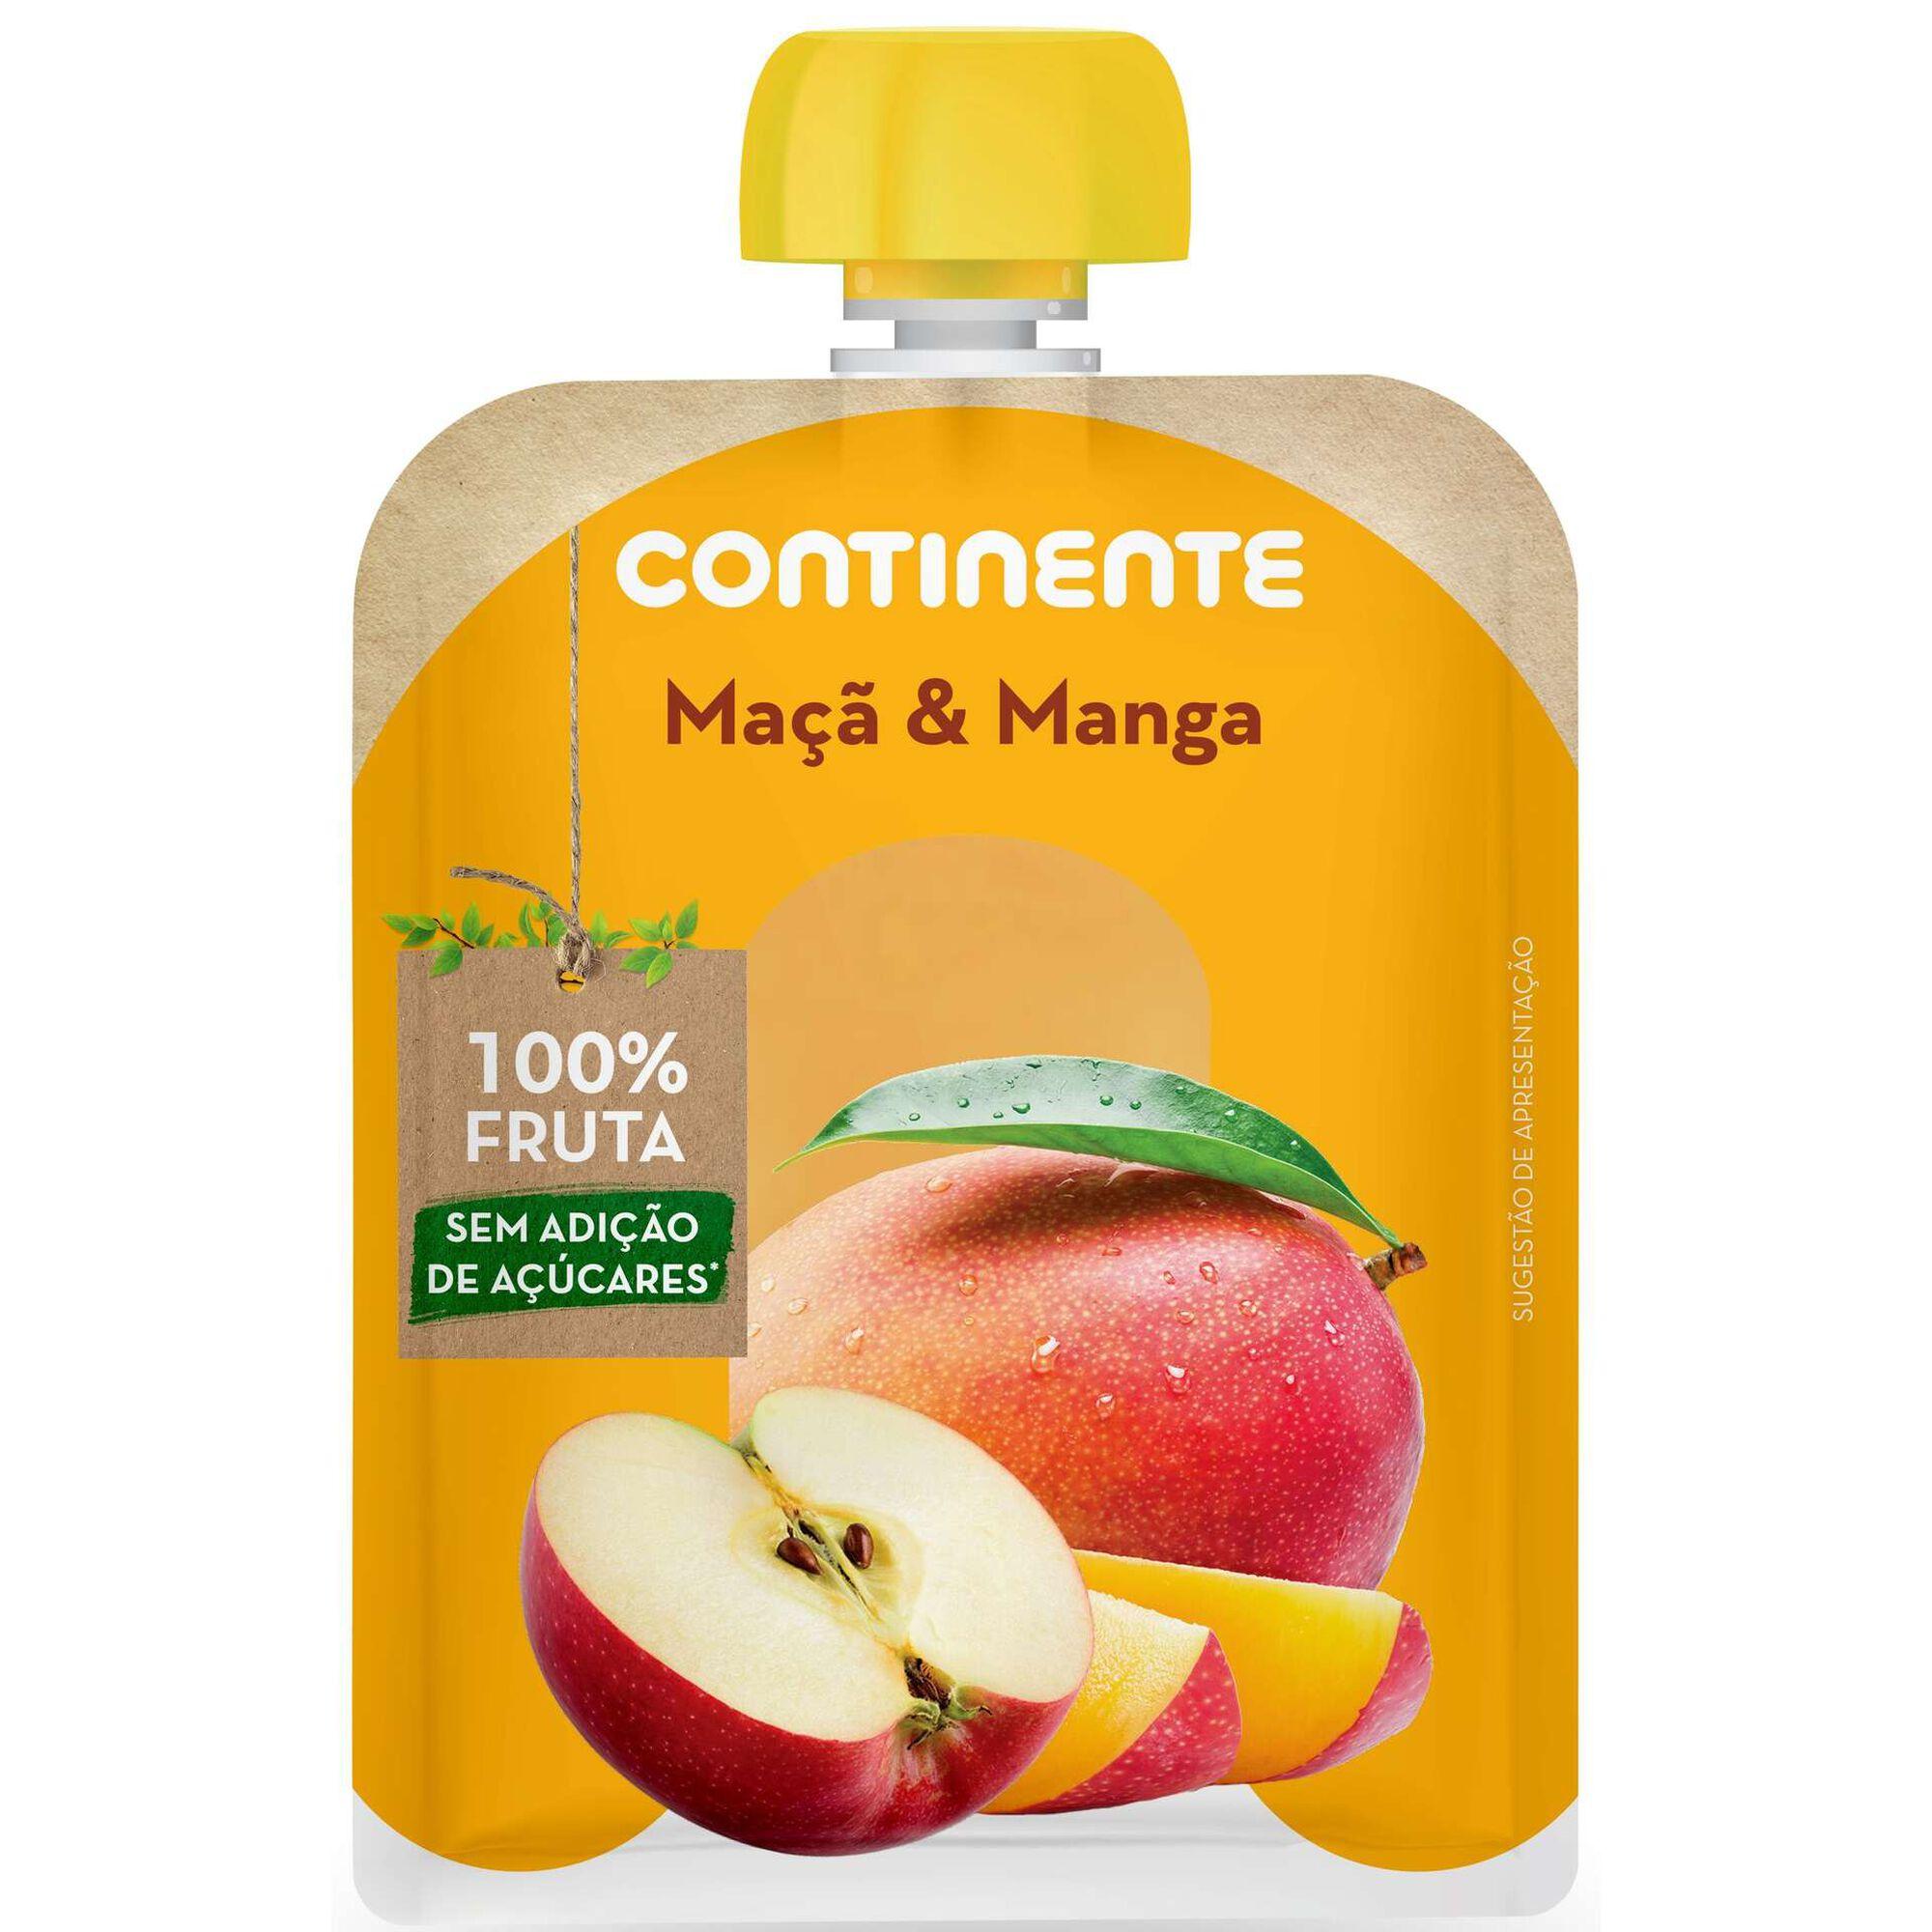 Saqueta de Fruta Maçã e Manga